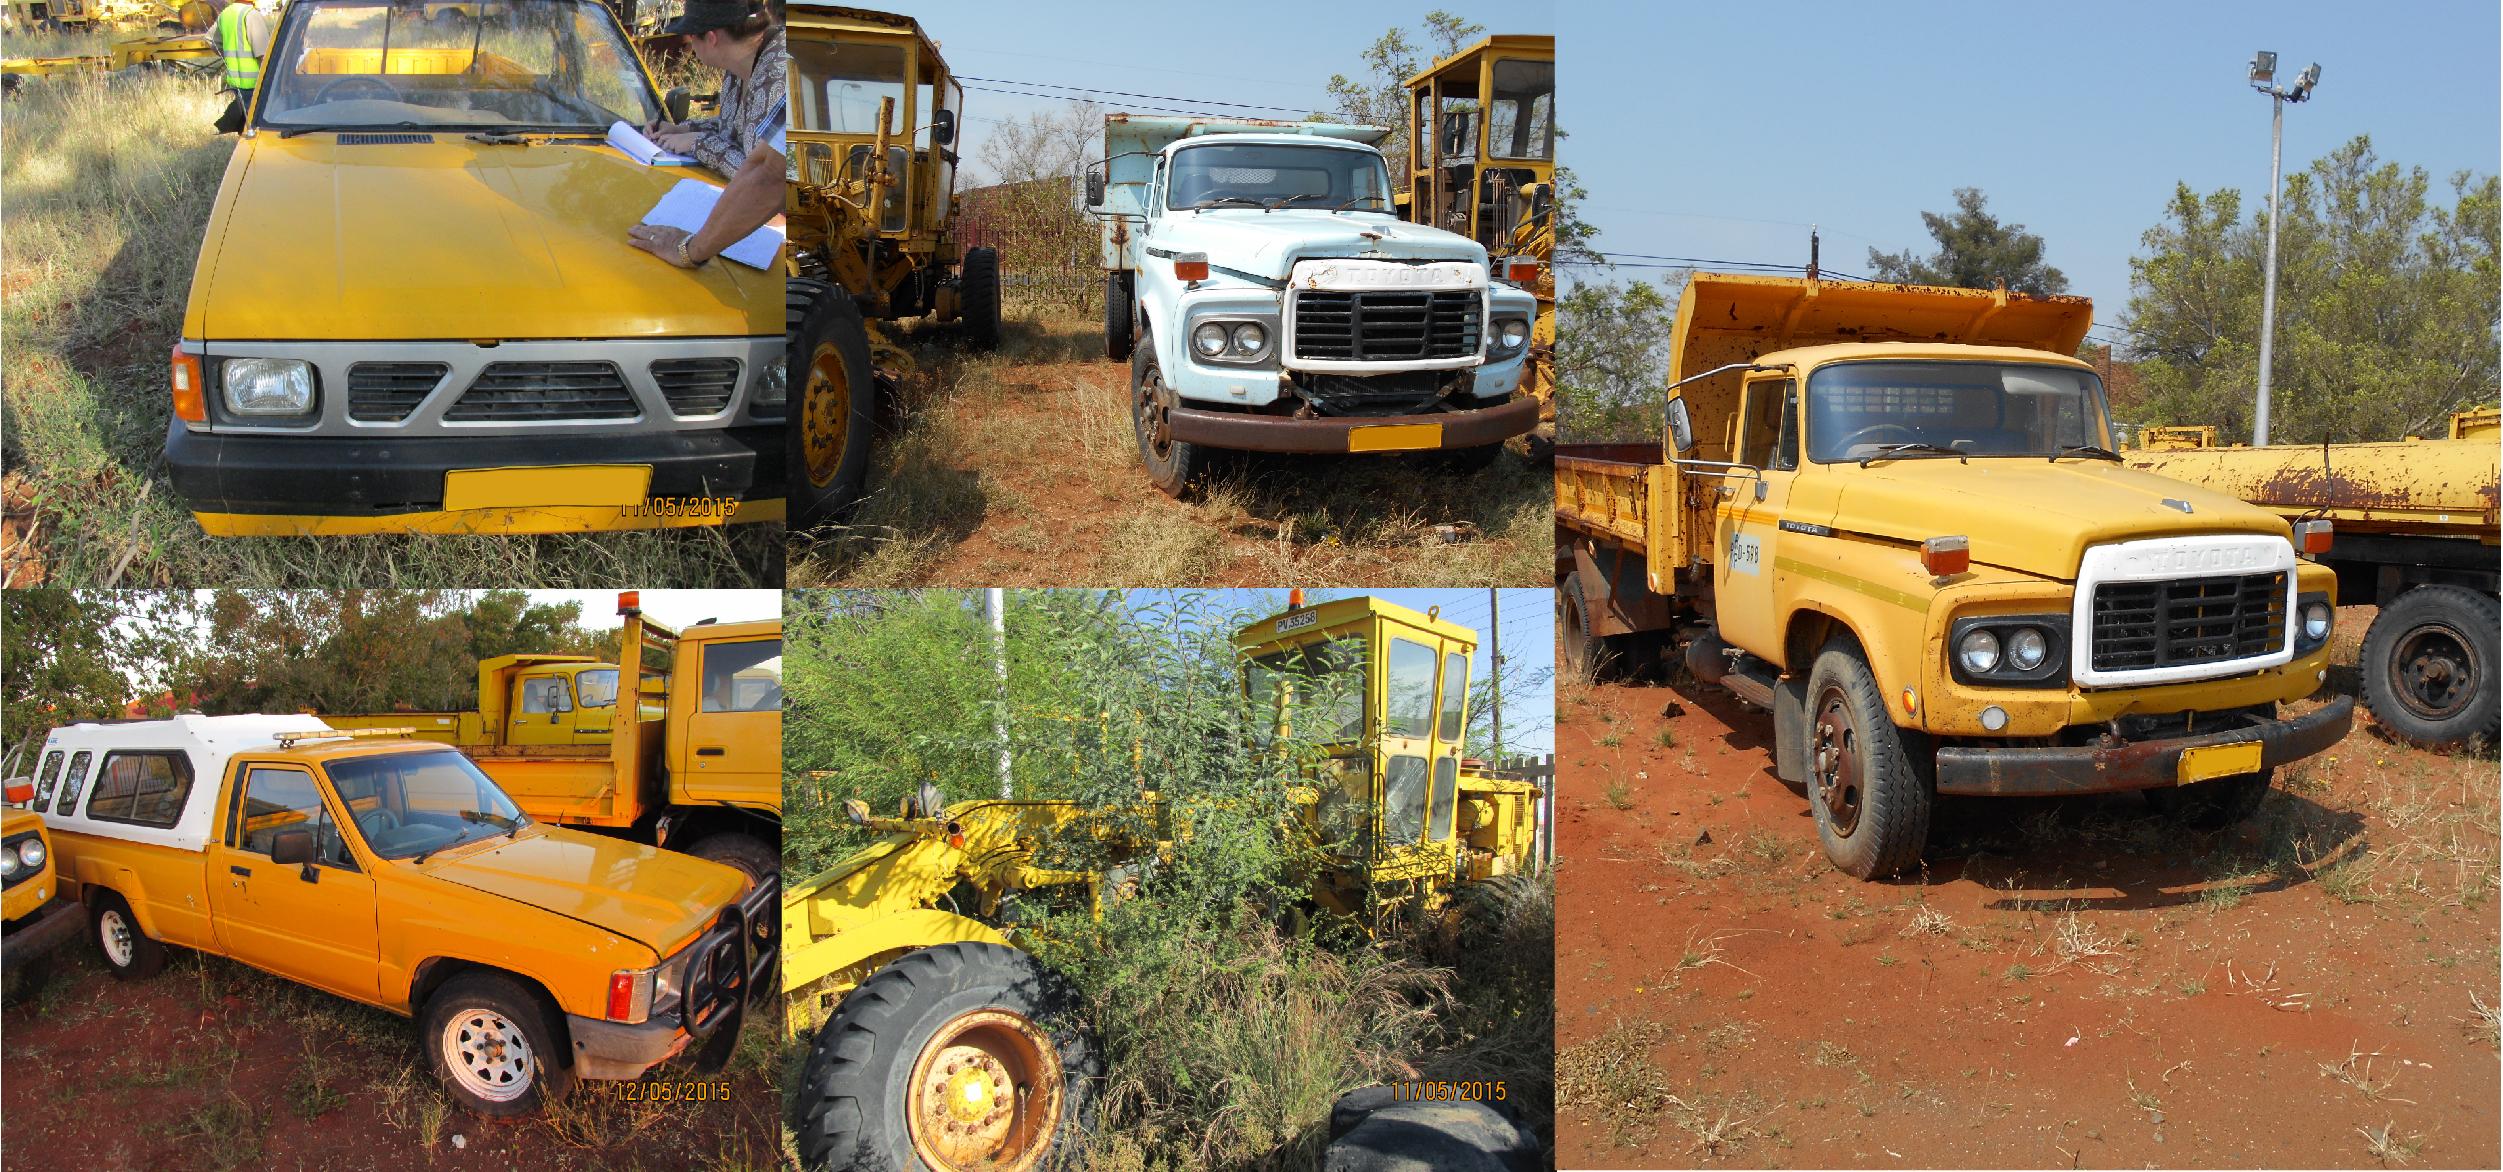 Northern Cape Public Works, Roads & Transport 23 November @9:00